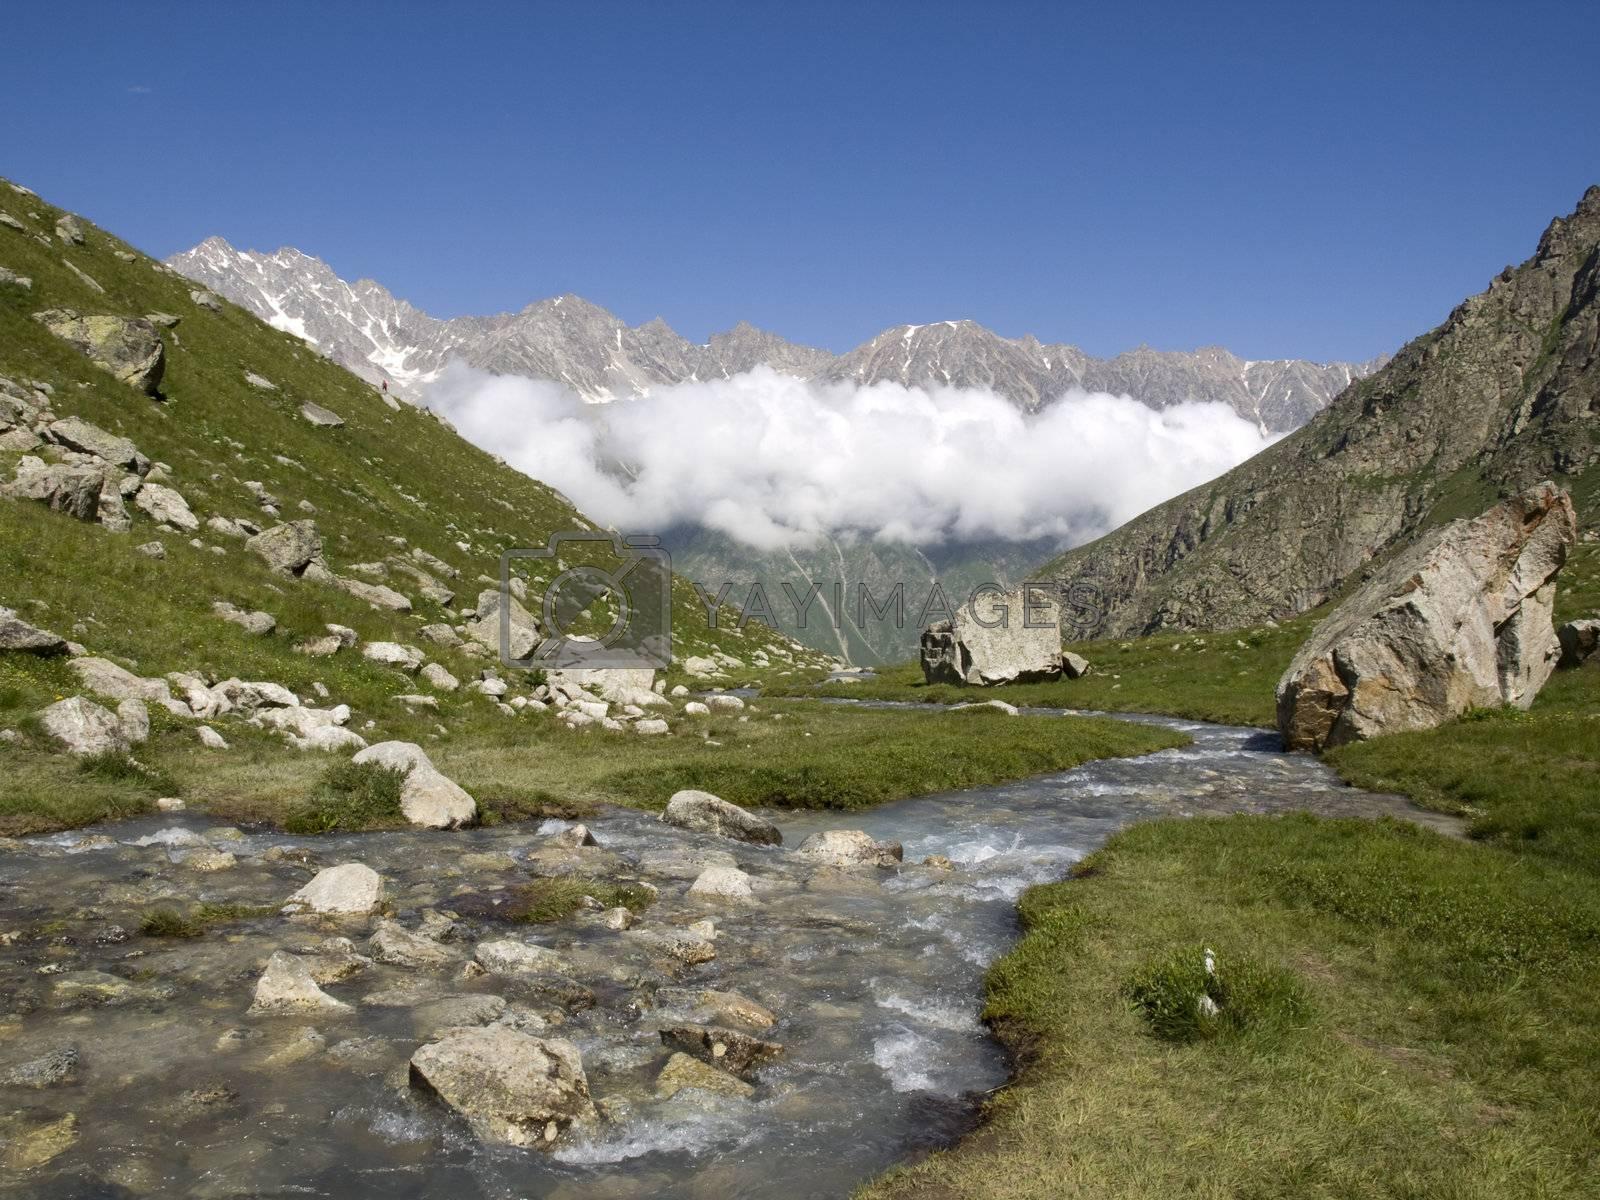 Mountains and river. Caucasus. Kabardino-Balkariya. Bezengi